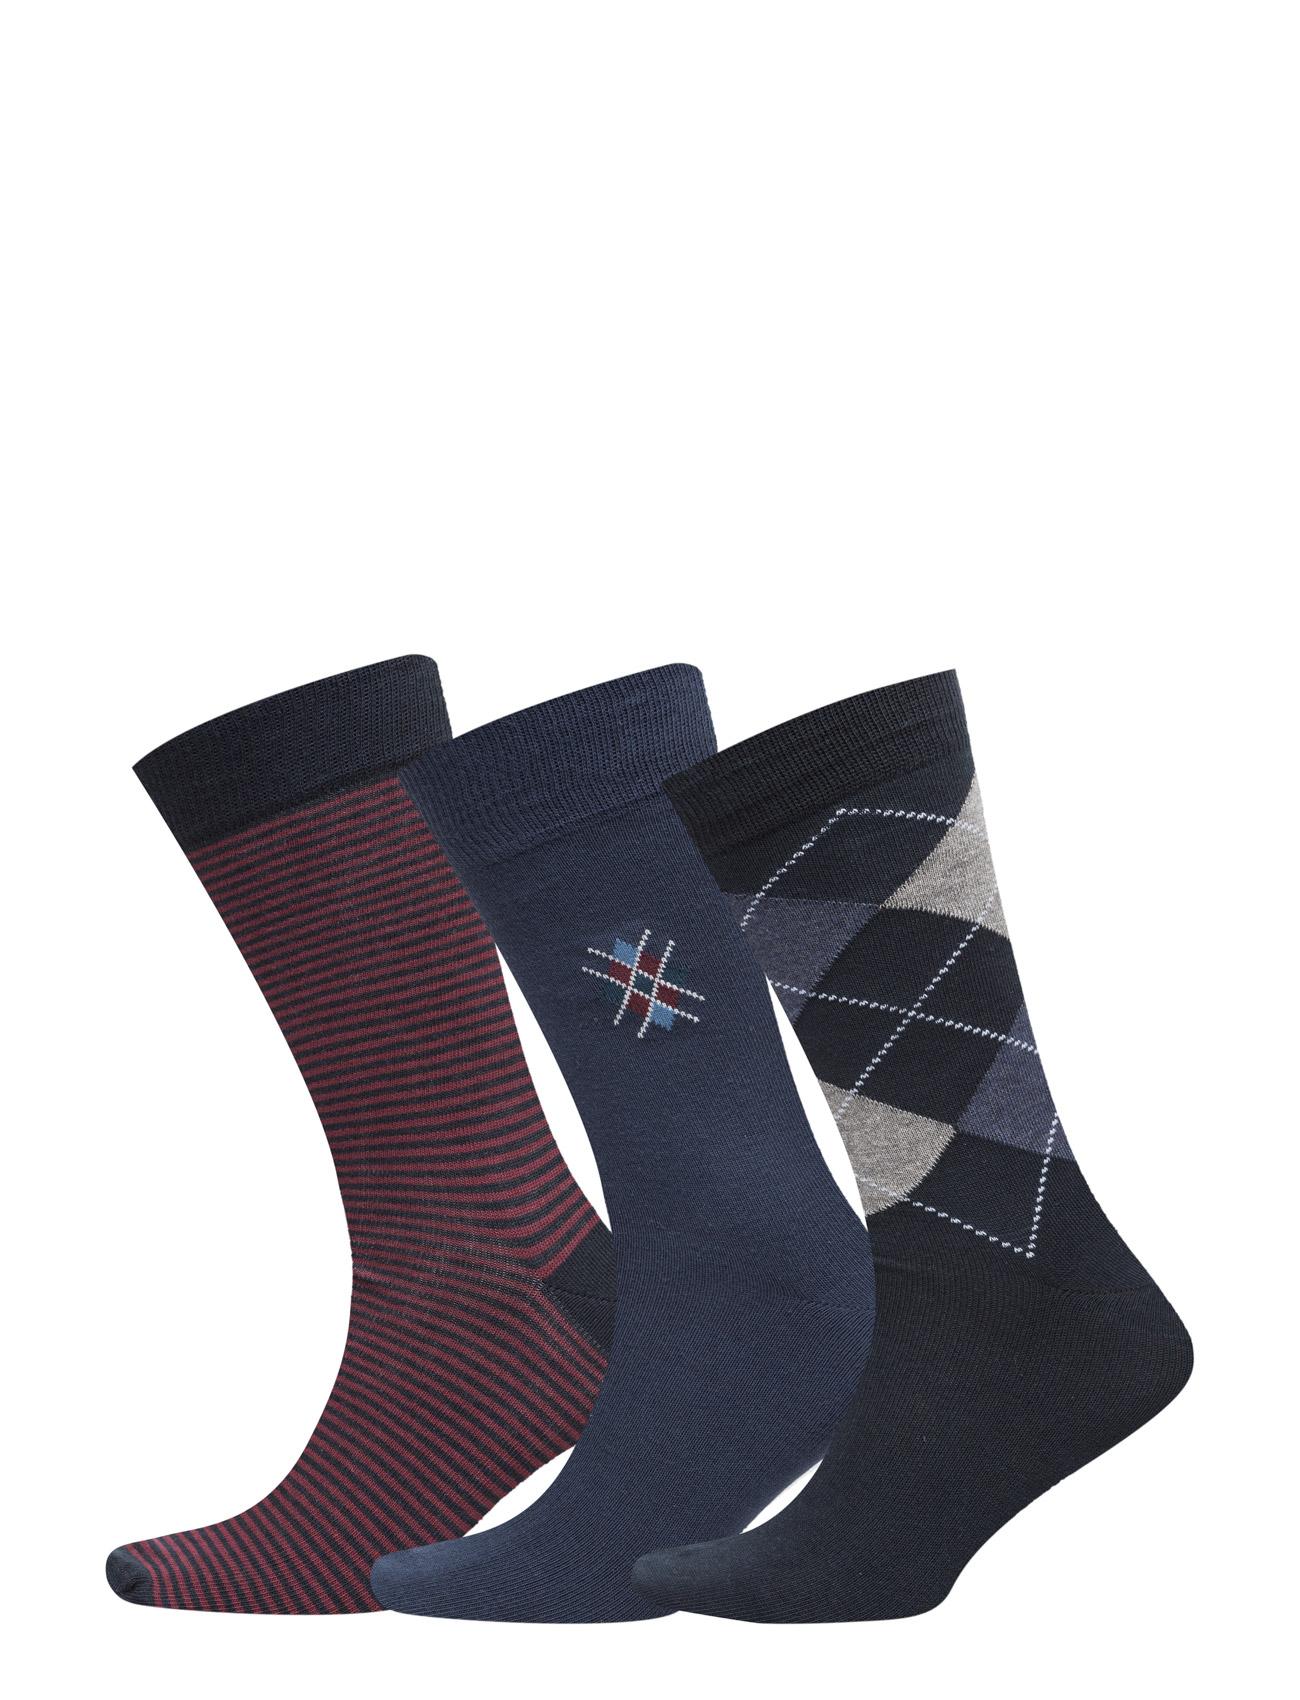 Menå«S Socks 3-Pack TOPECO Sokker til Mænd i antracit Melange